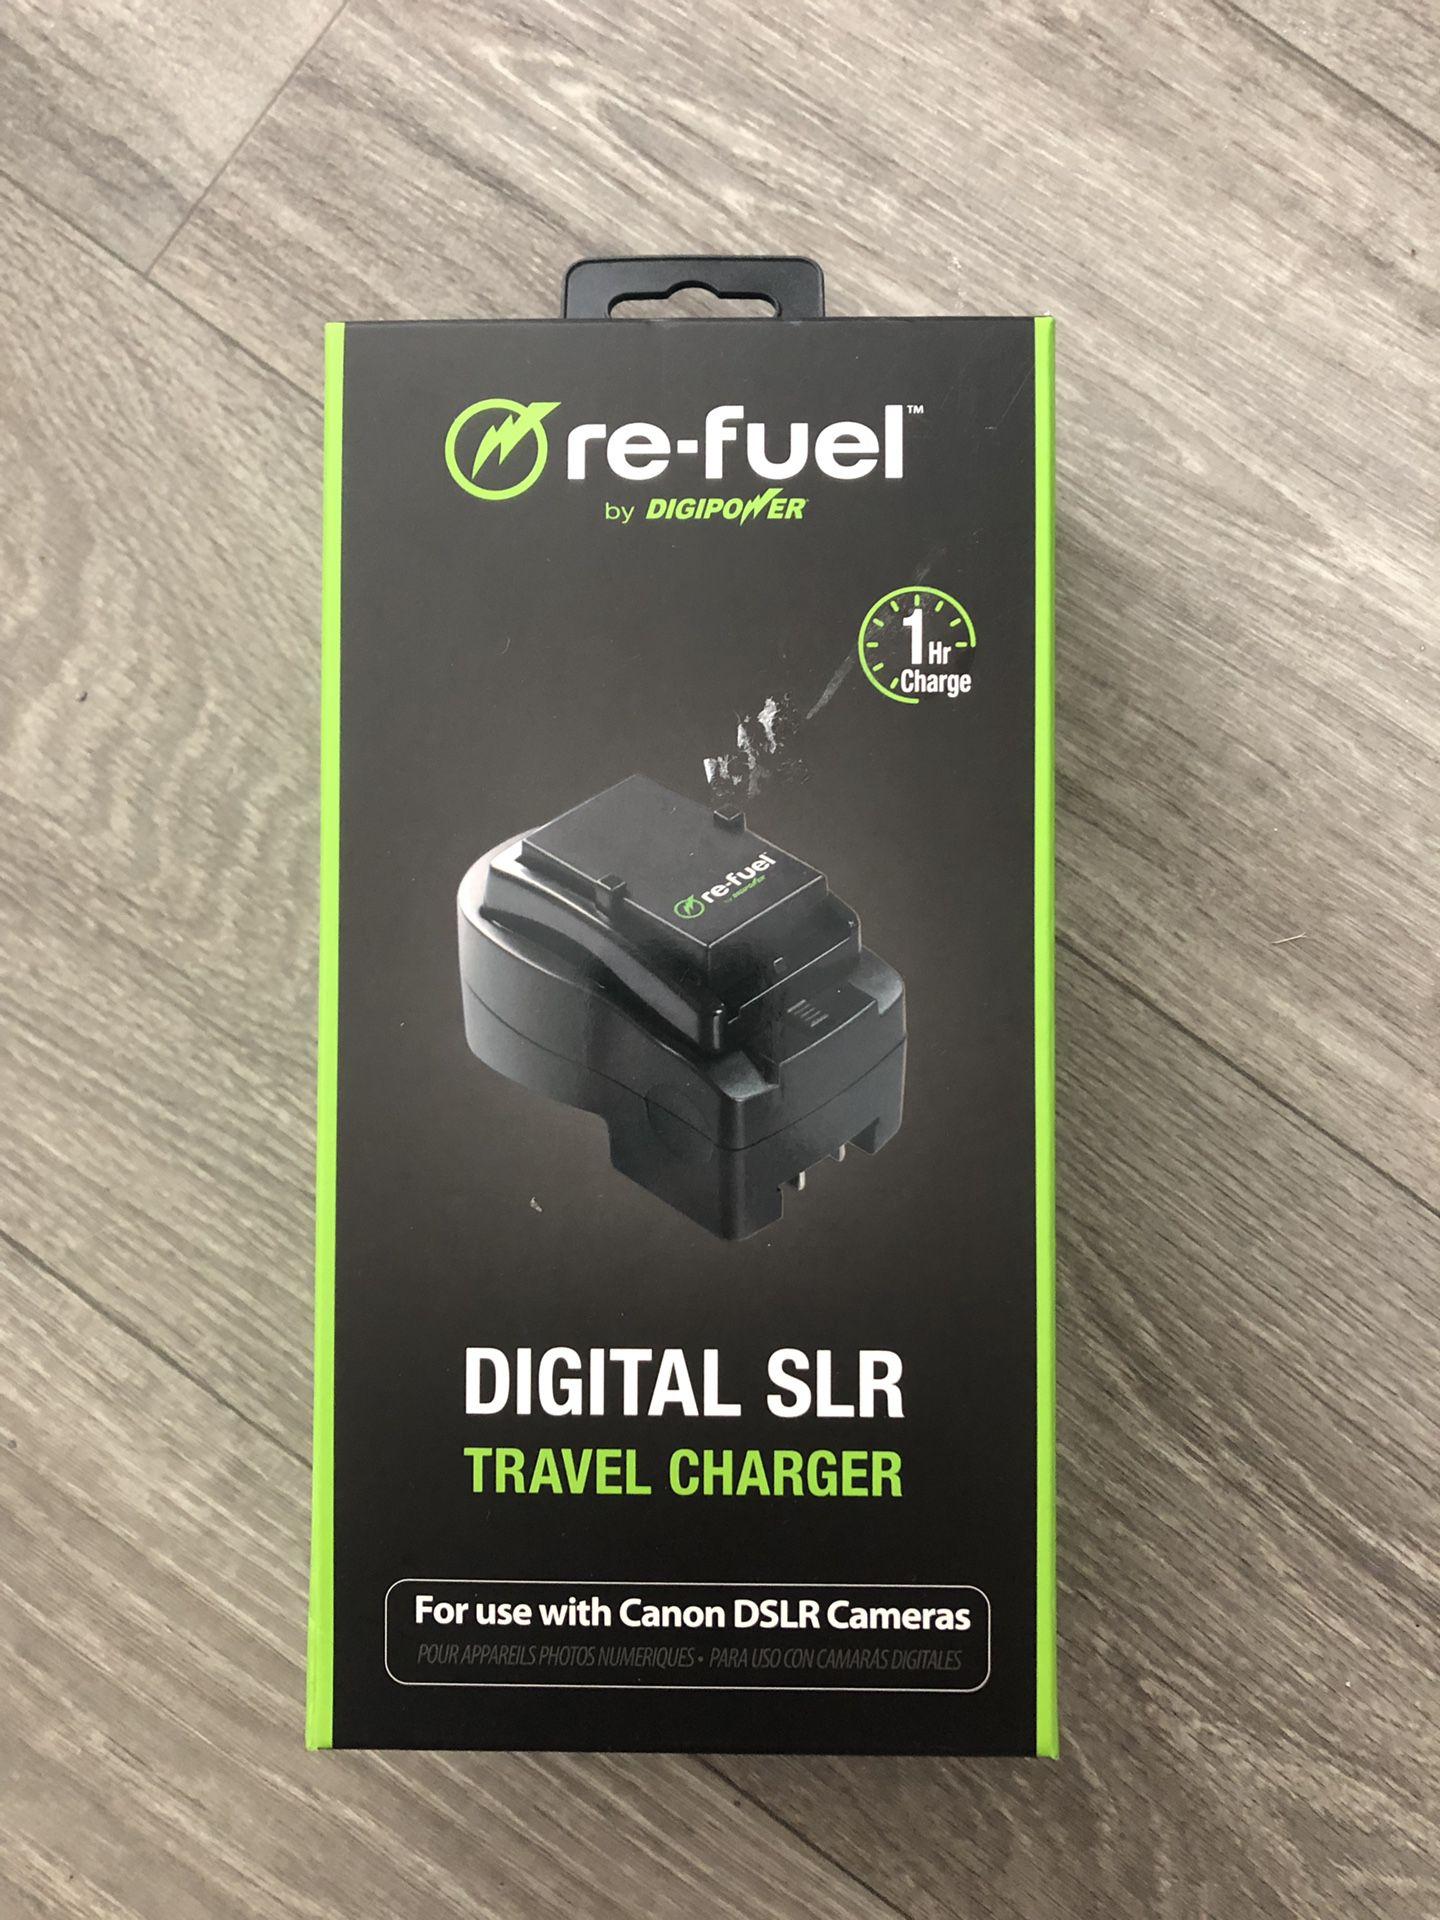 Refuel digital SLR travel charger for Canon DSLRs